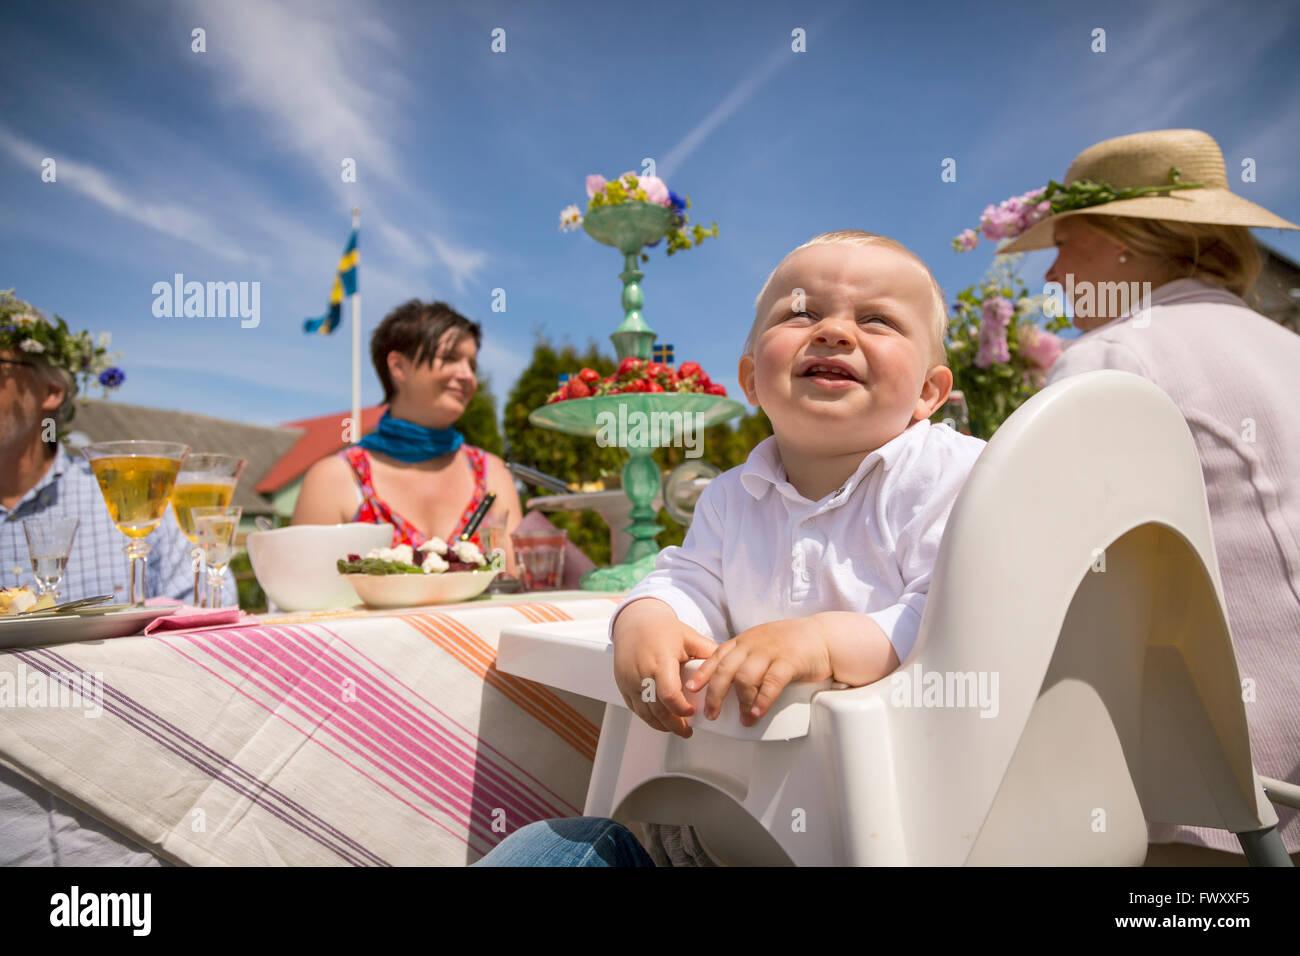 La Svezia, Skane, famiglia con un bambino (0-1 mese) durante la festa di mezza estate Immagini Stock